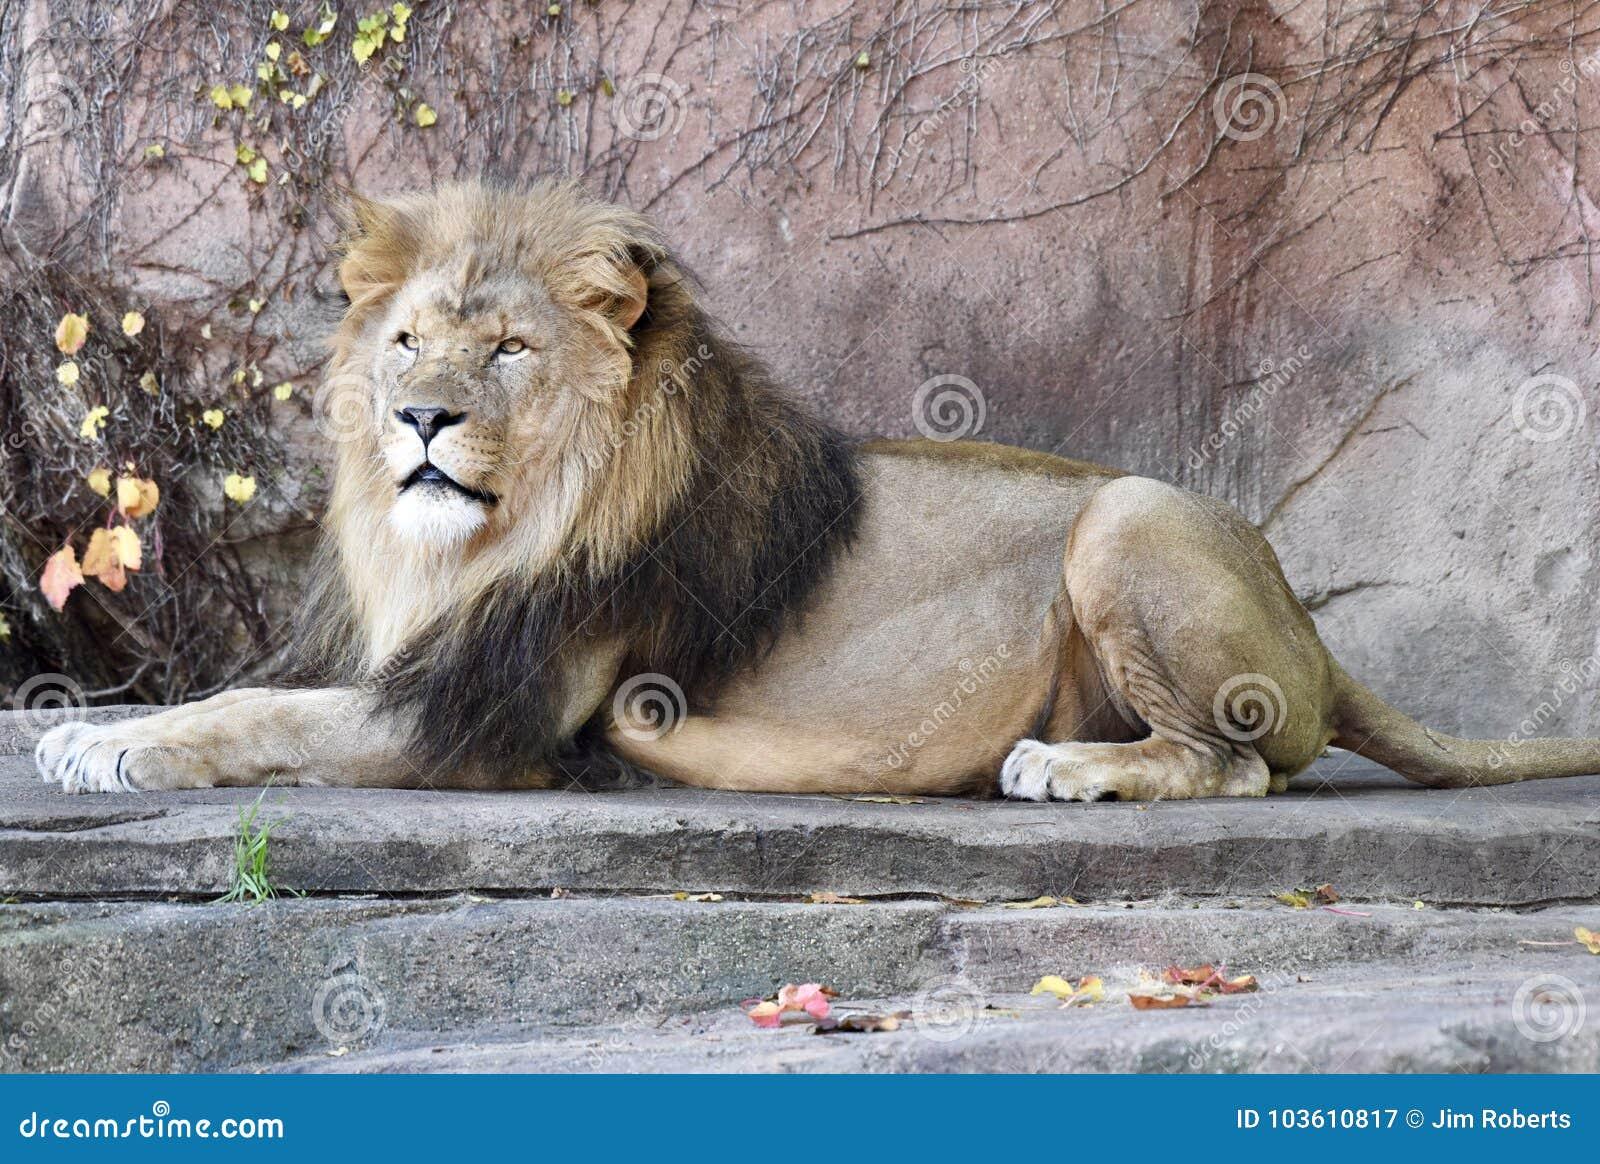 Sahar, roi du zoo